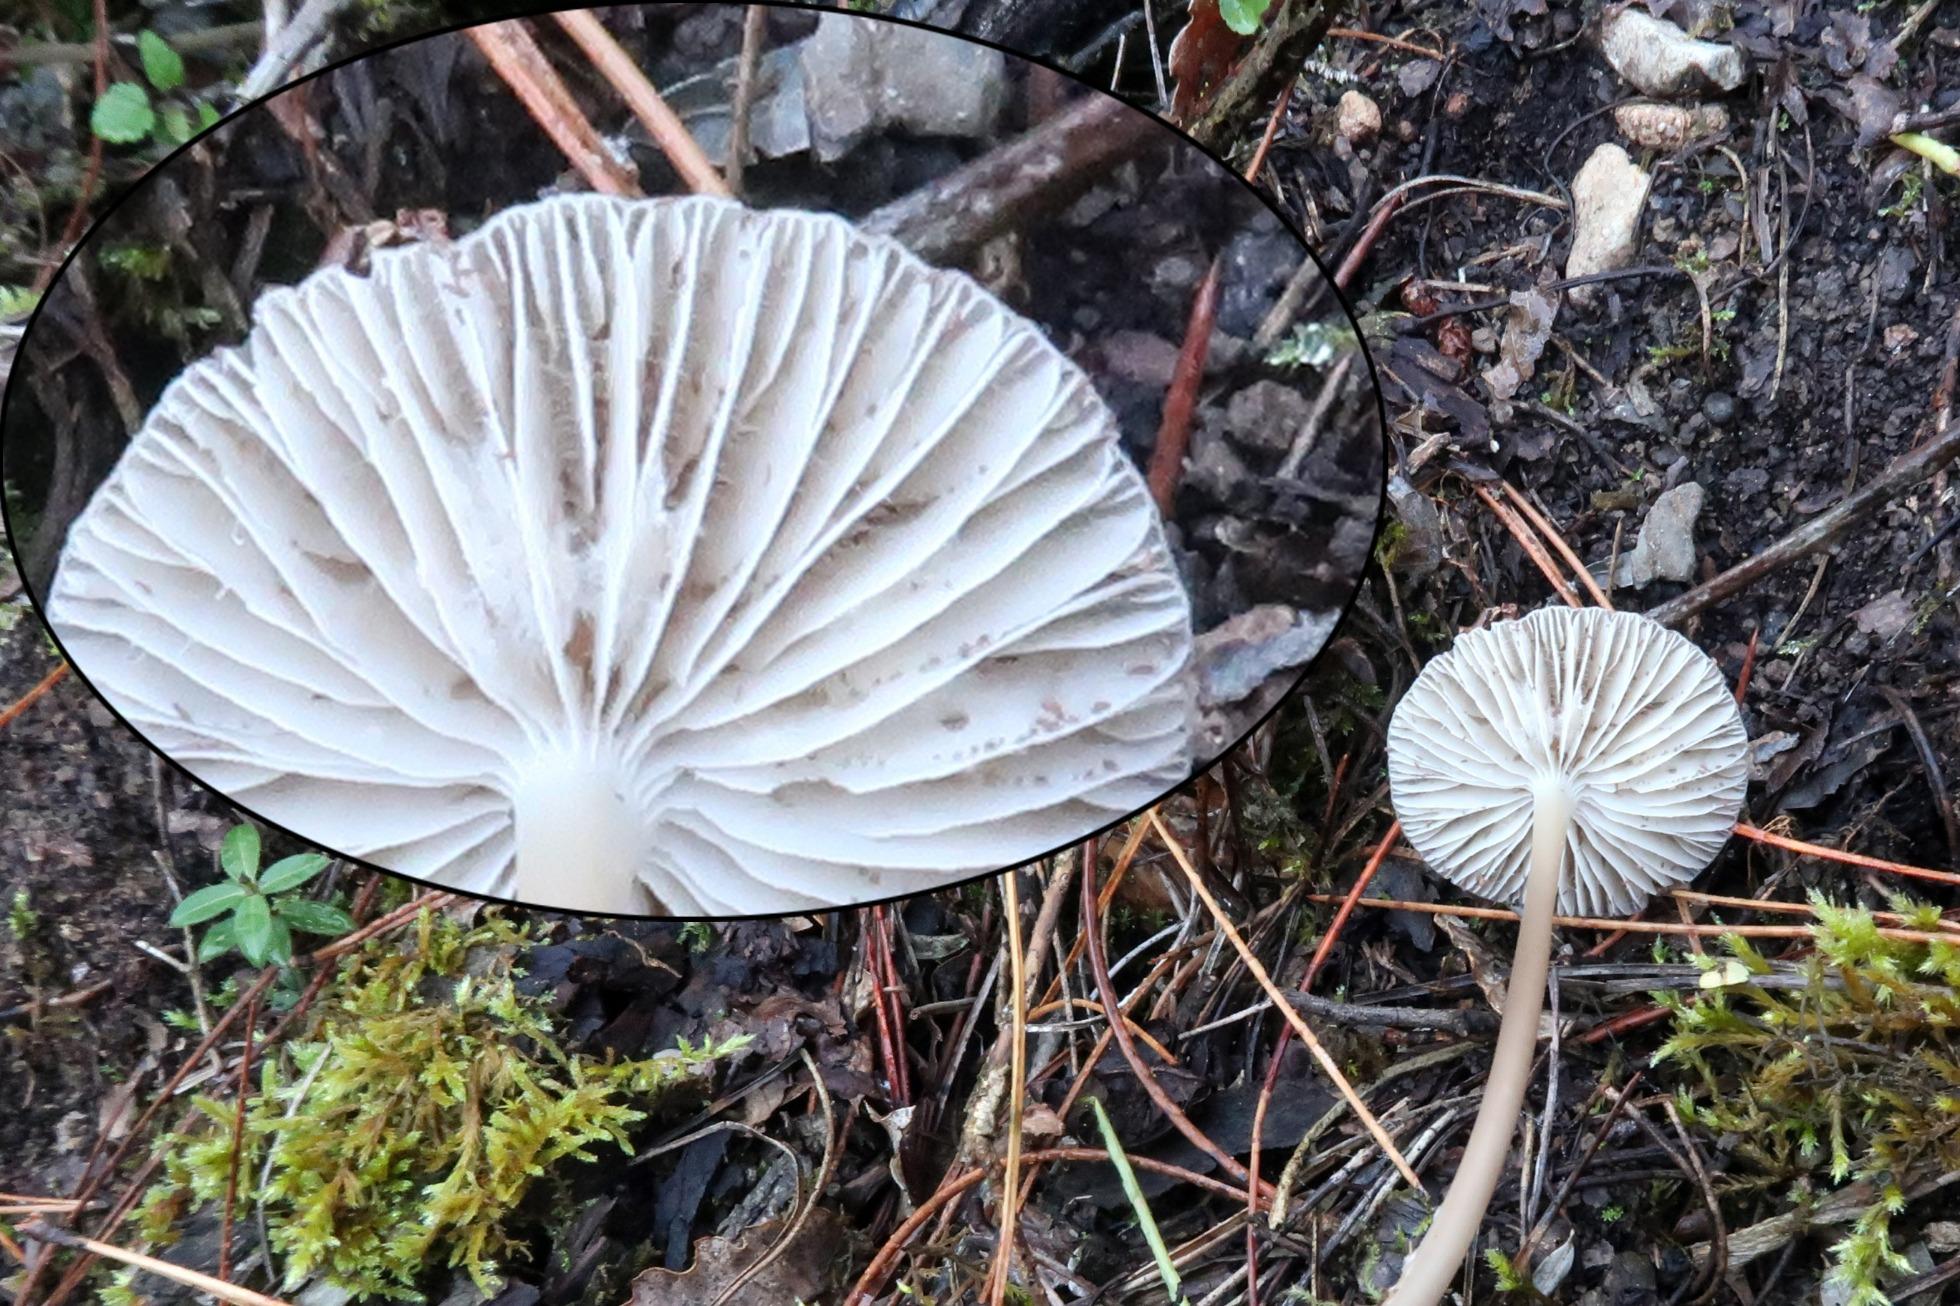 Mycenaaffgalericulataampliacin.jpg